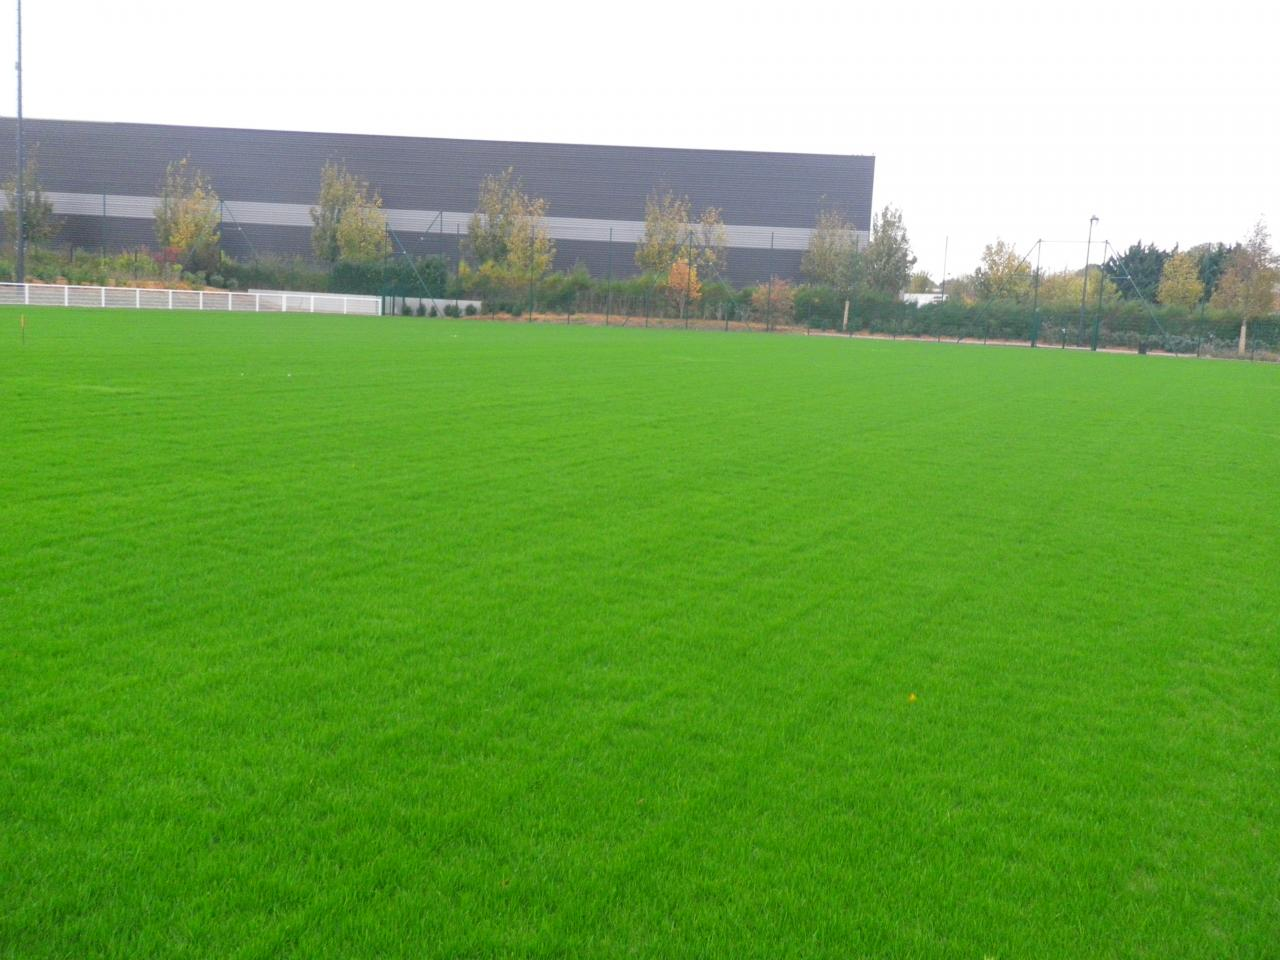 Le terrain de sport en Substrat SI de Mesnil Amelot 1